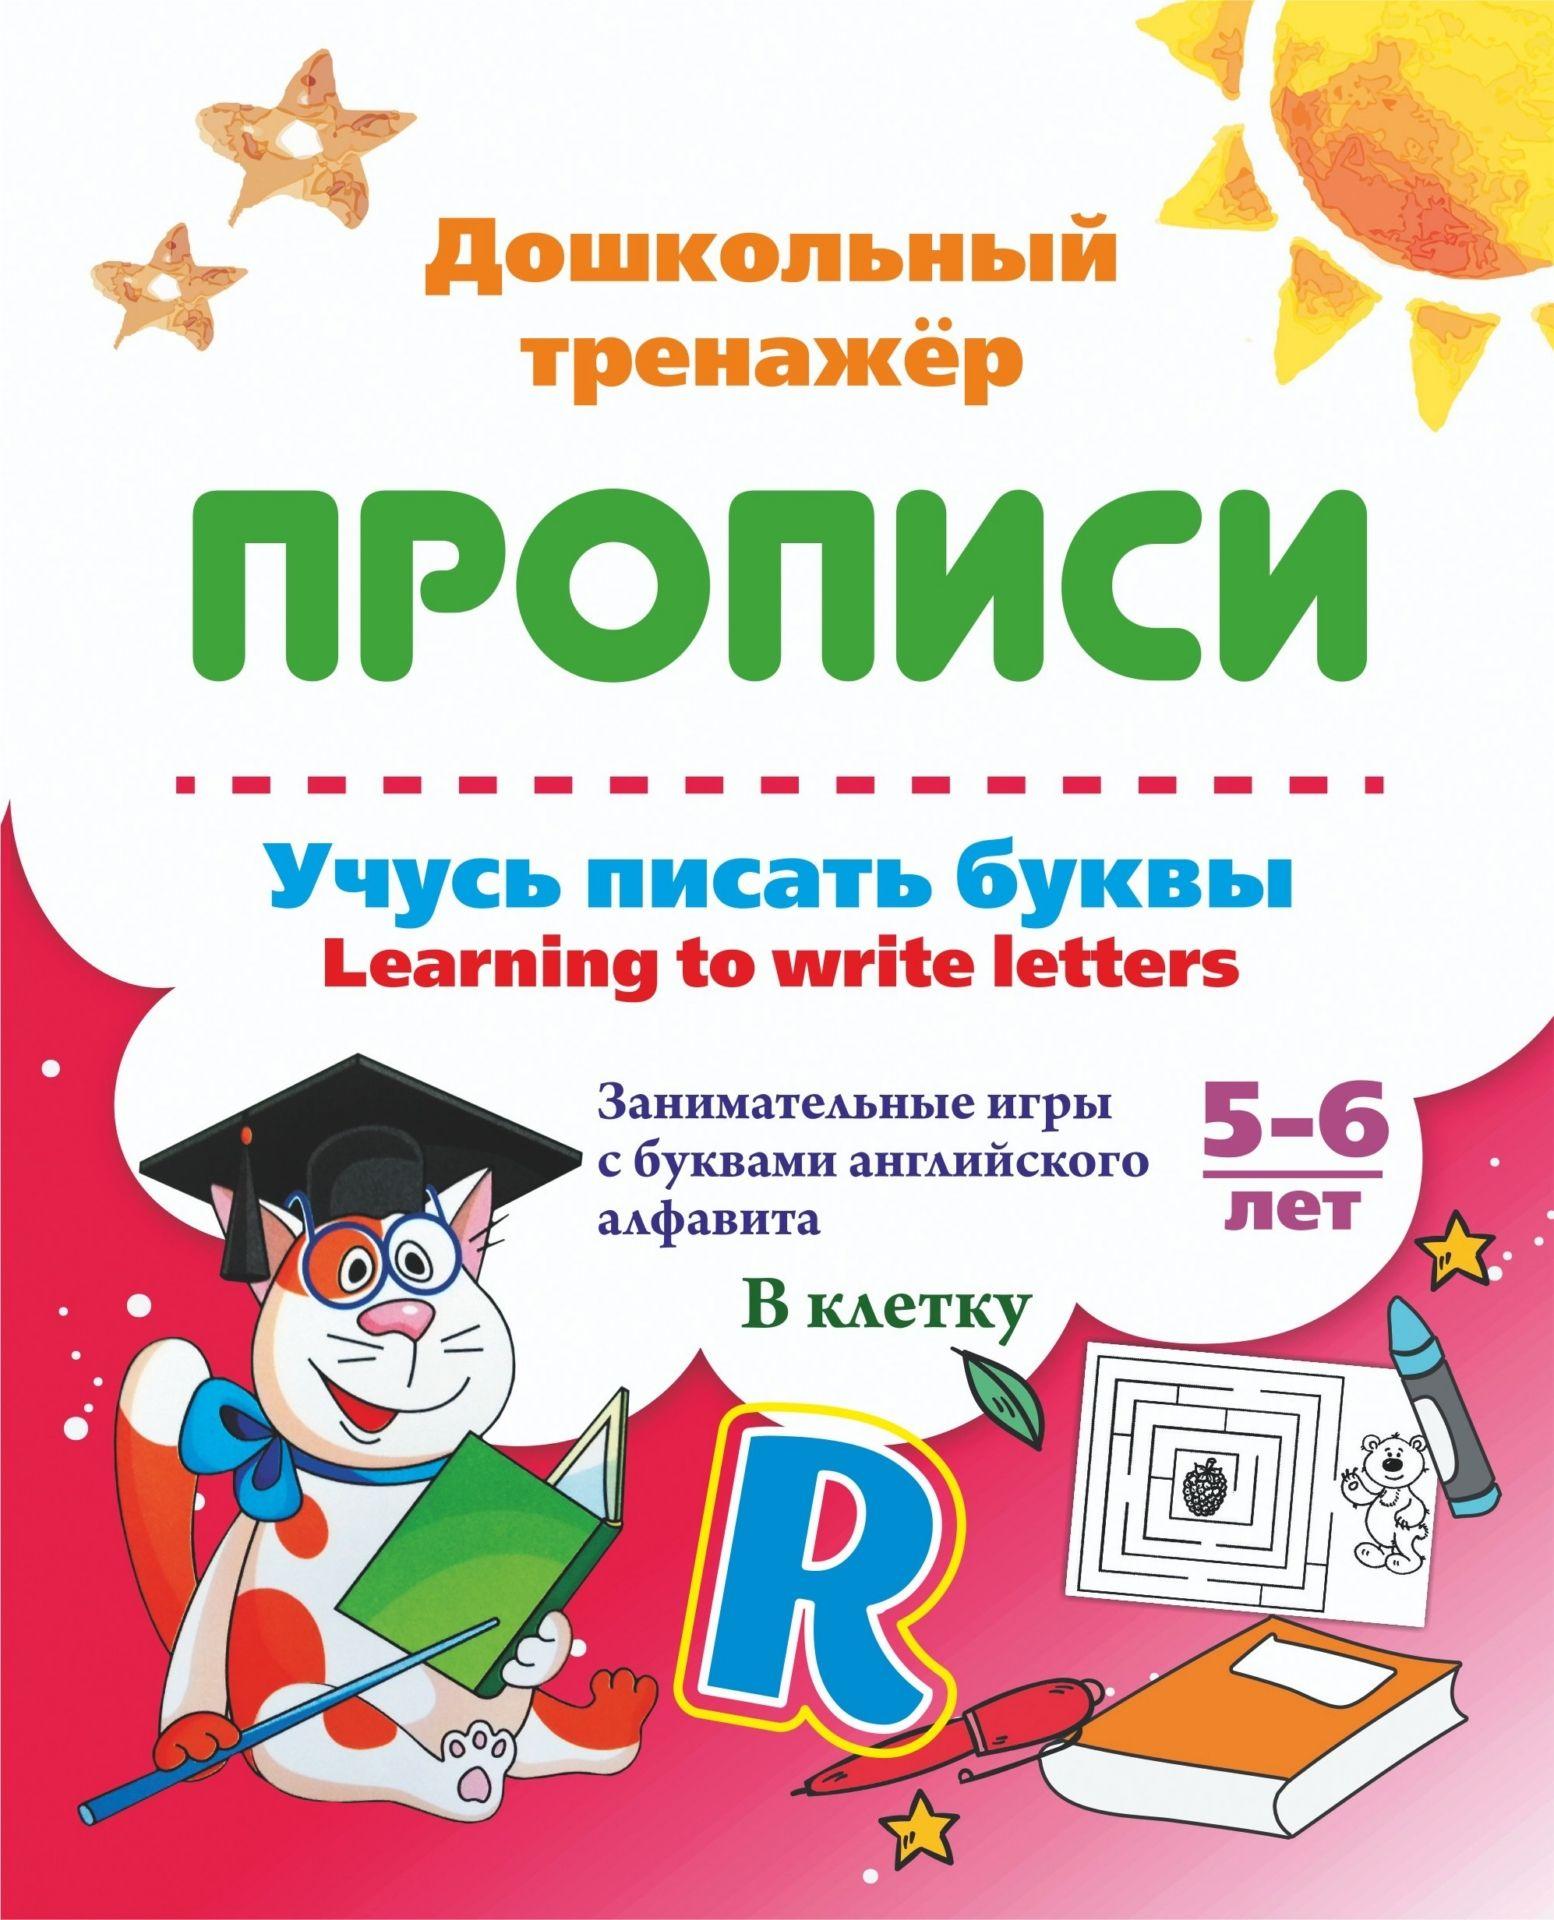 Учусь писать буквы - learning to write letters. Занимательные игры с буквами английского алфавита. Тетрадь в клетку. 5-6 лет